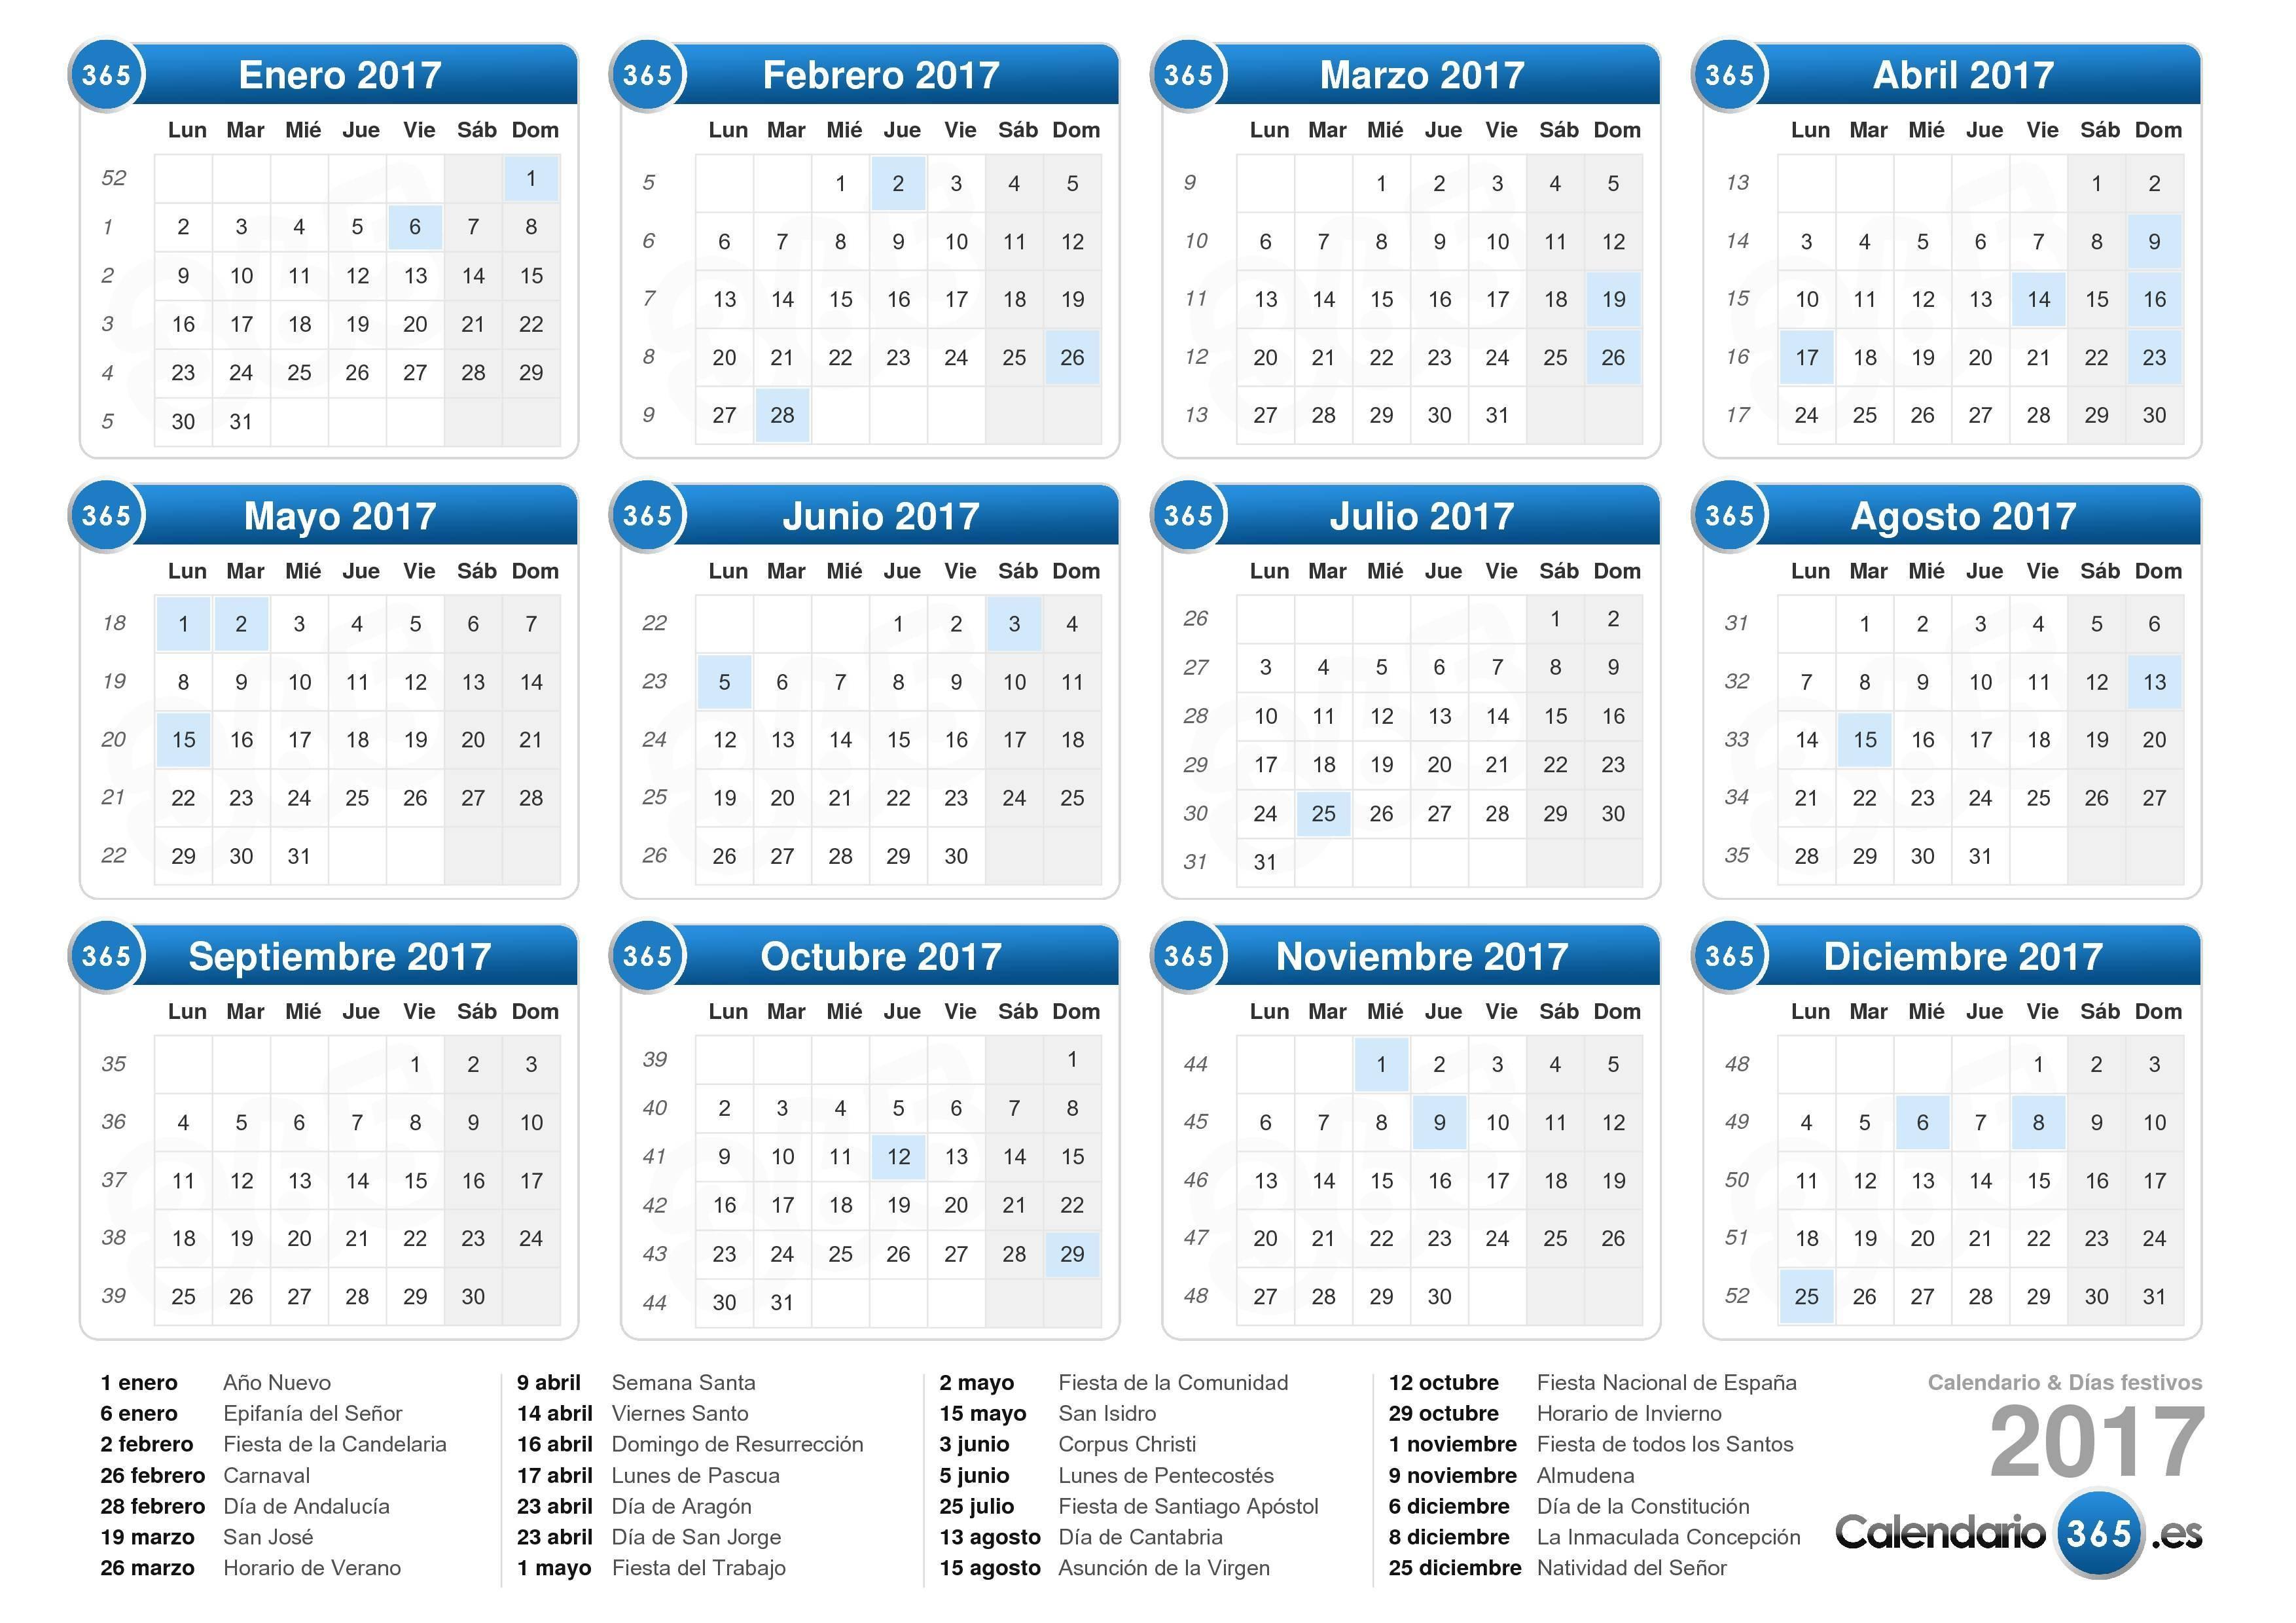 Calendario 2019 Festivos Chile Más Reciente Calendario 2017